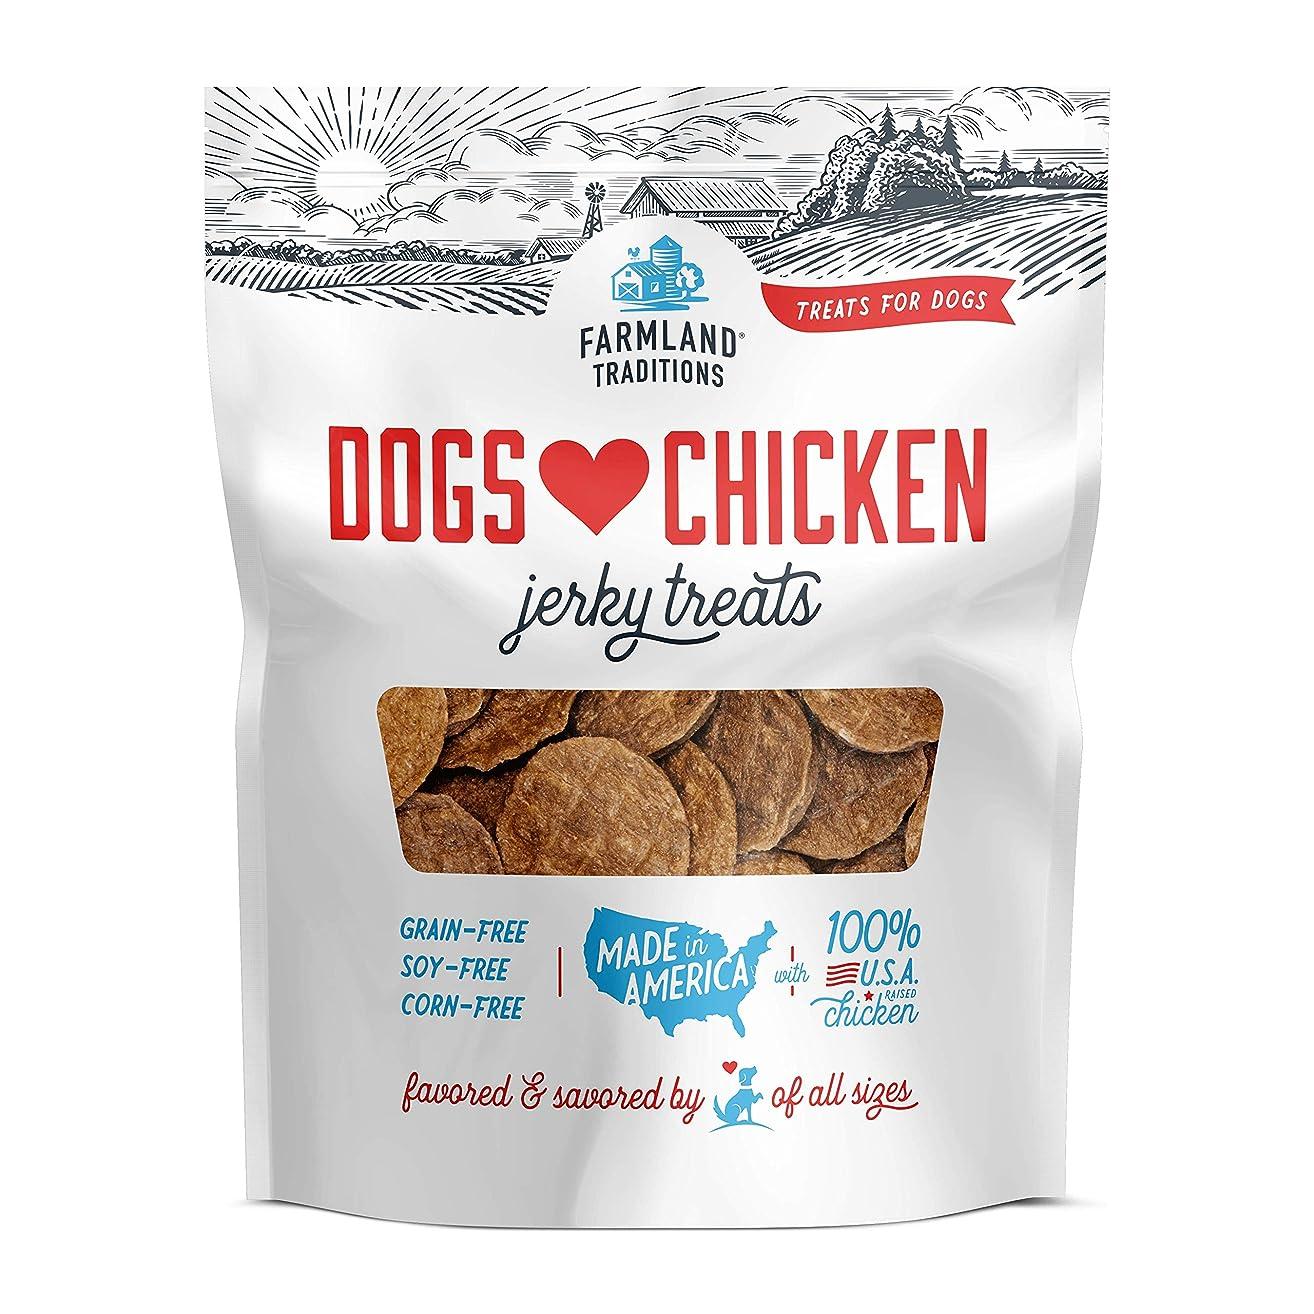 Farmland Traditions USA Made Dogs Love Chicken Jerky Treats